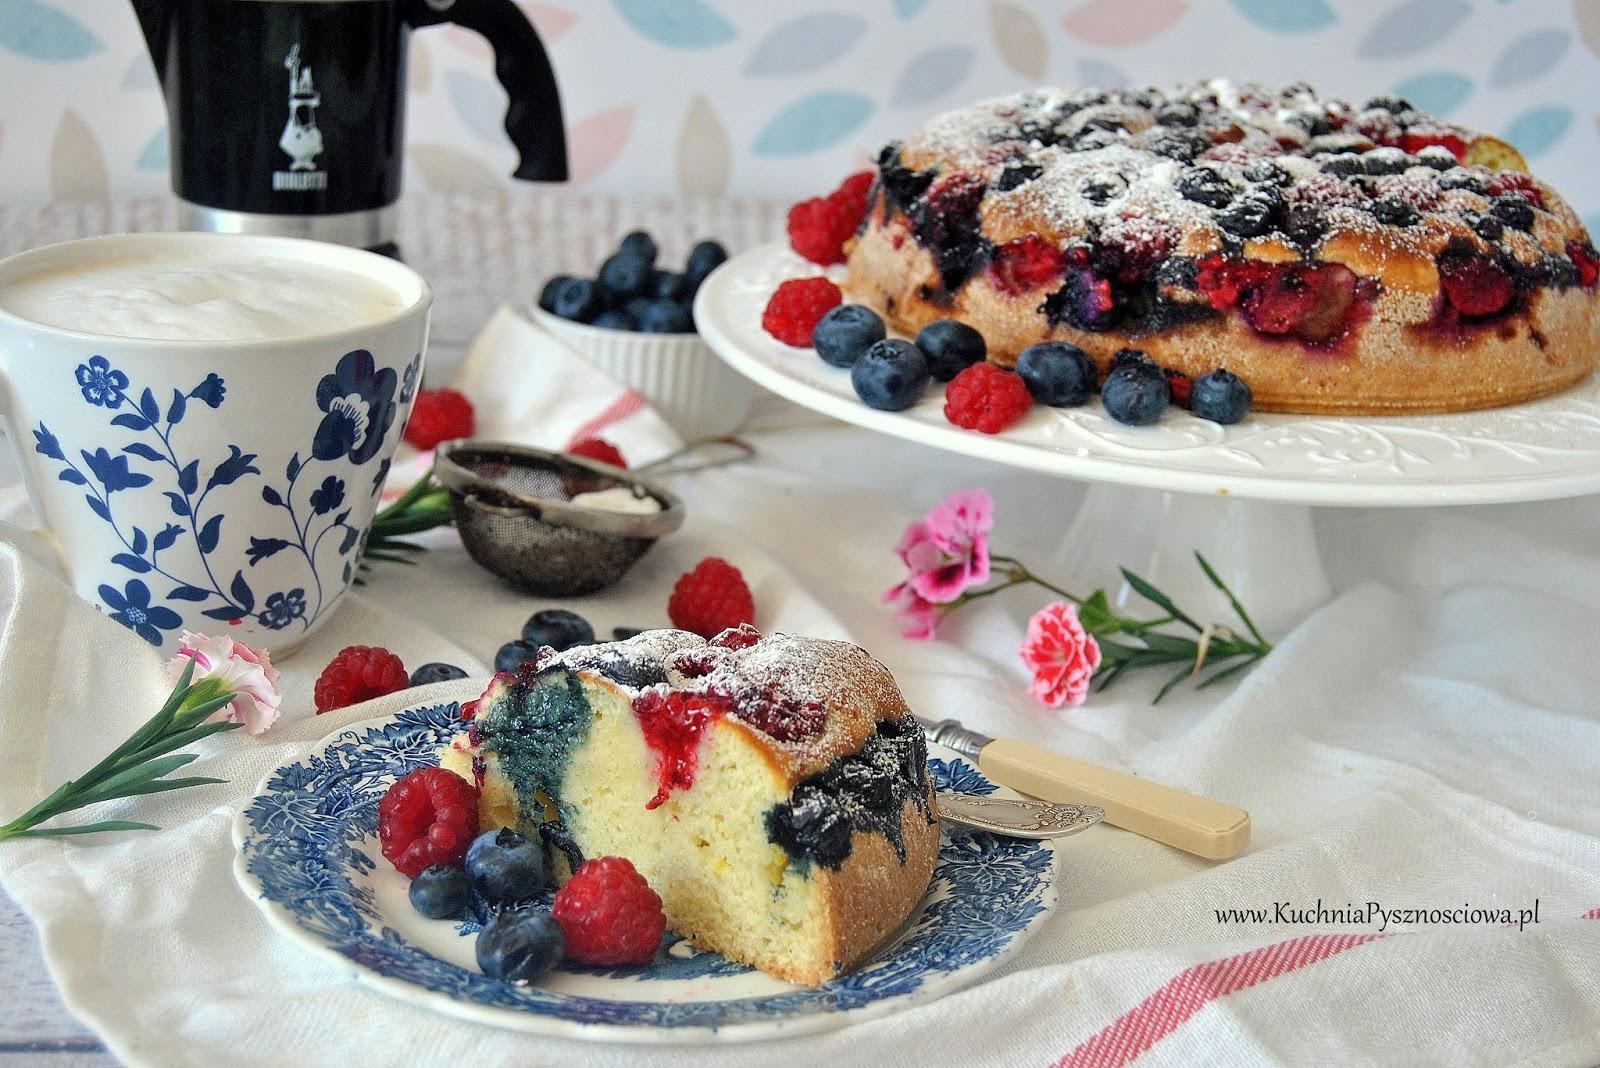 531. Włoskie ciasto ucierane z serem ricotta, malinami i borówkami